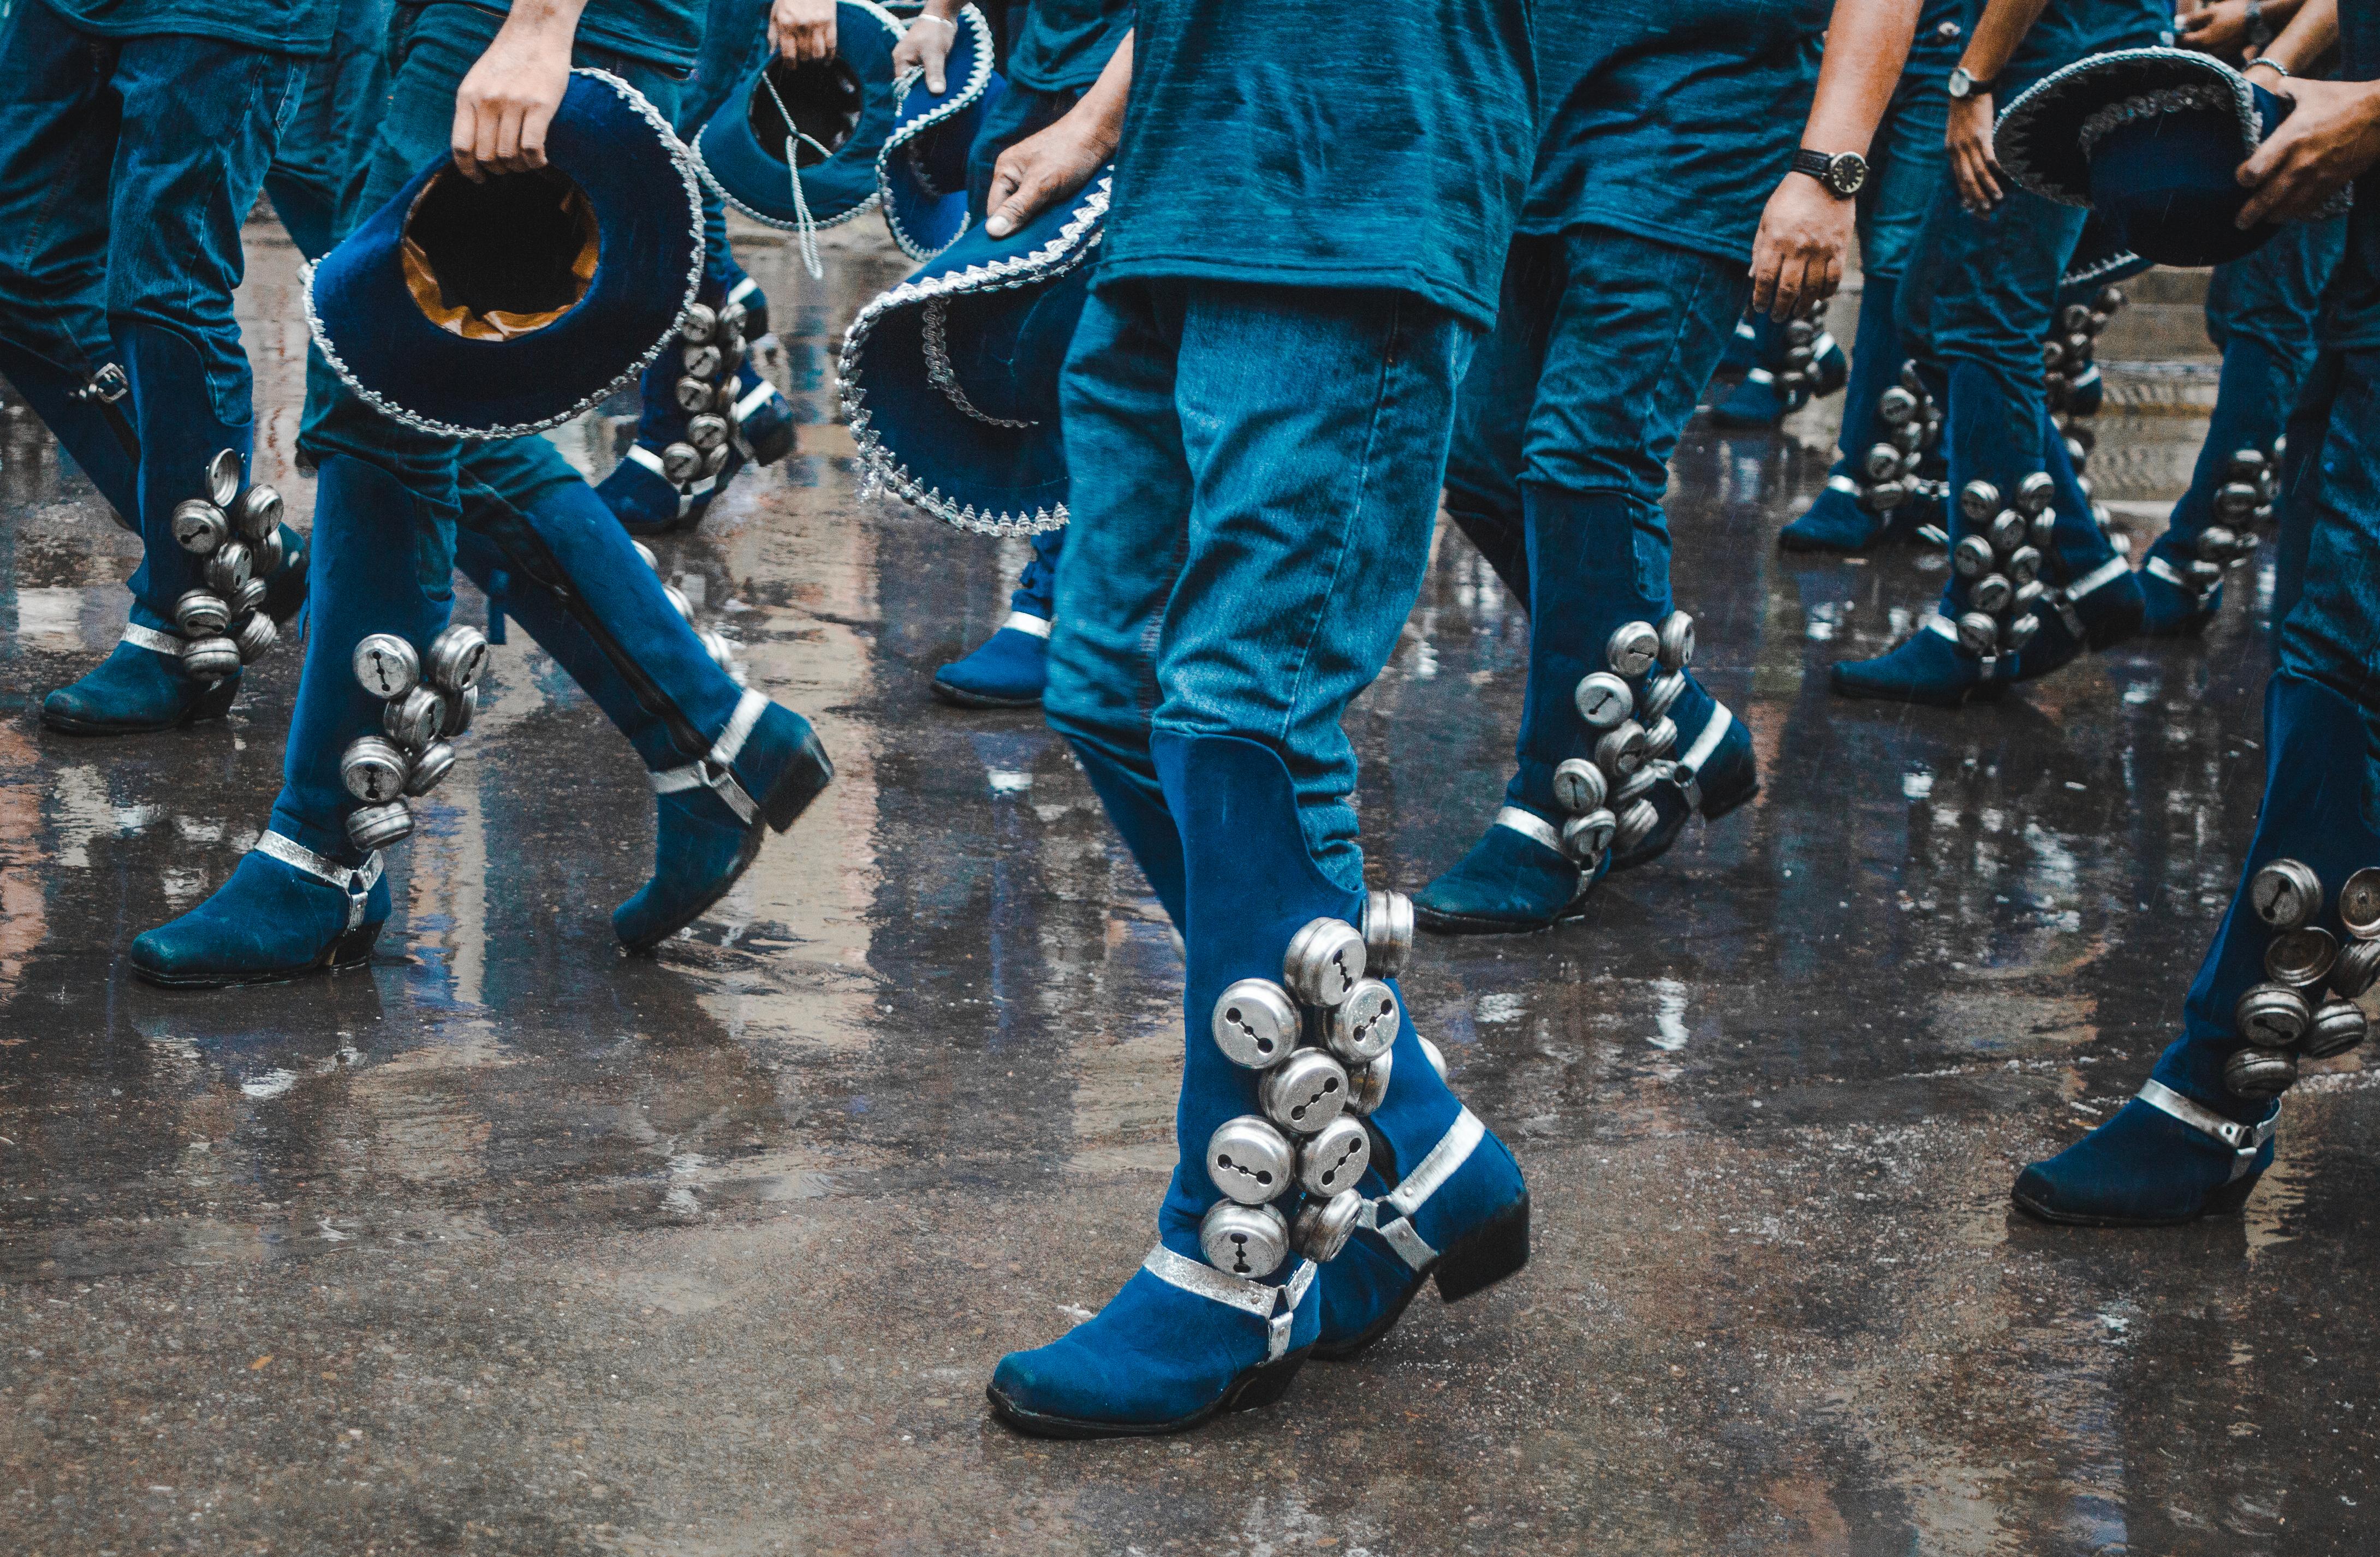 El carnaval, la fiesta grande de los cruceños - Bolivia Gran Viaje Lo mejor de Bolivia